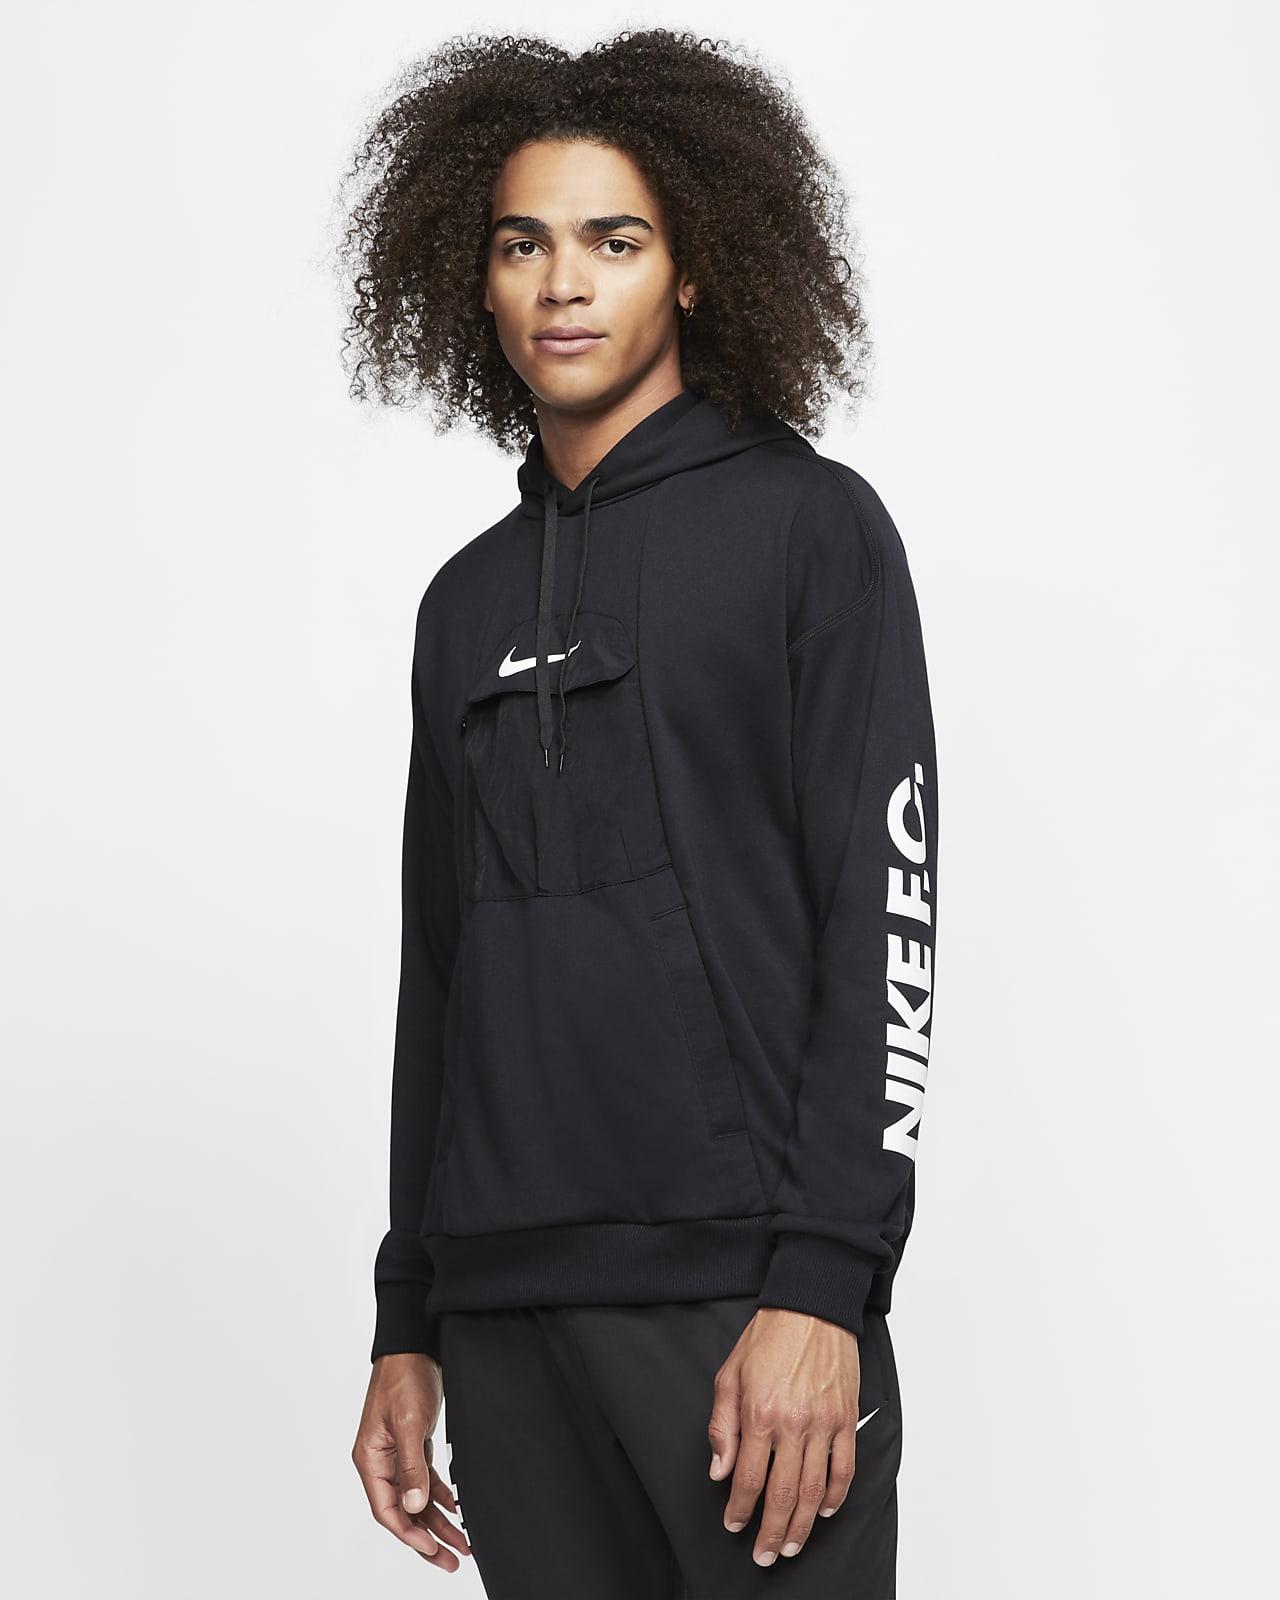 Ανδρική ποδοσφαιρική μπλούζα με κουκούλα Nike F.C.